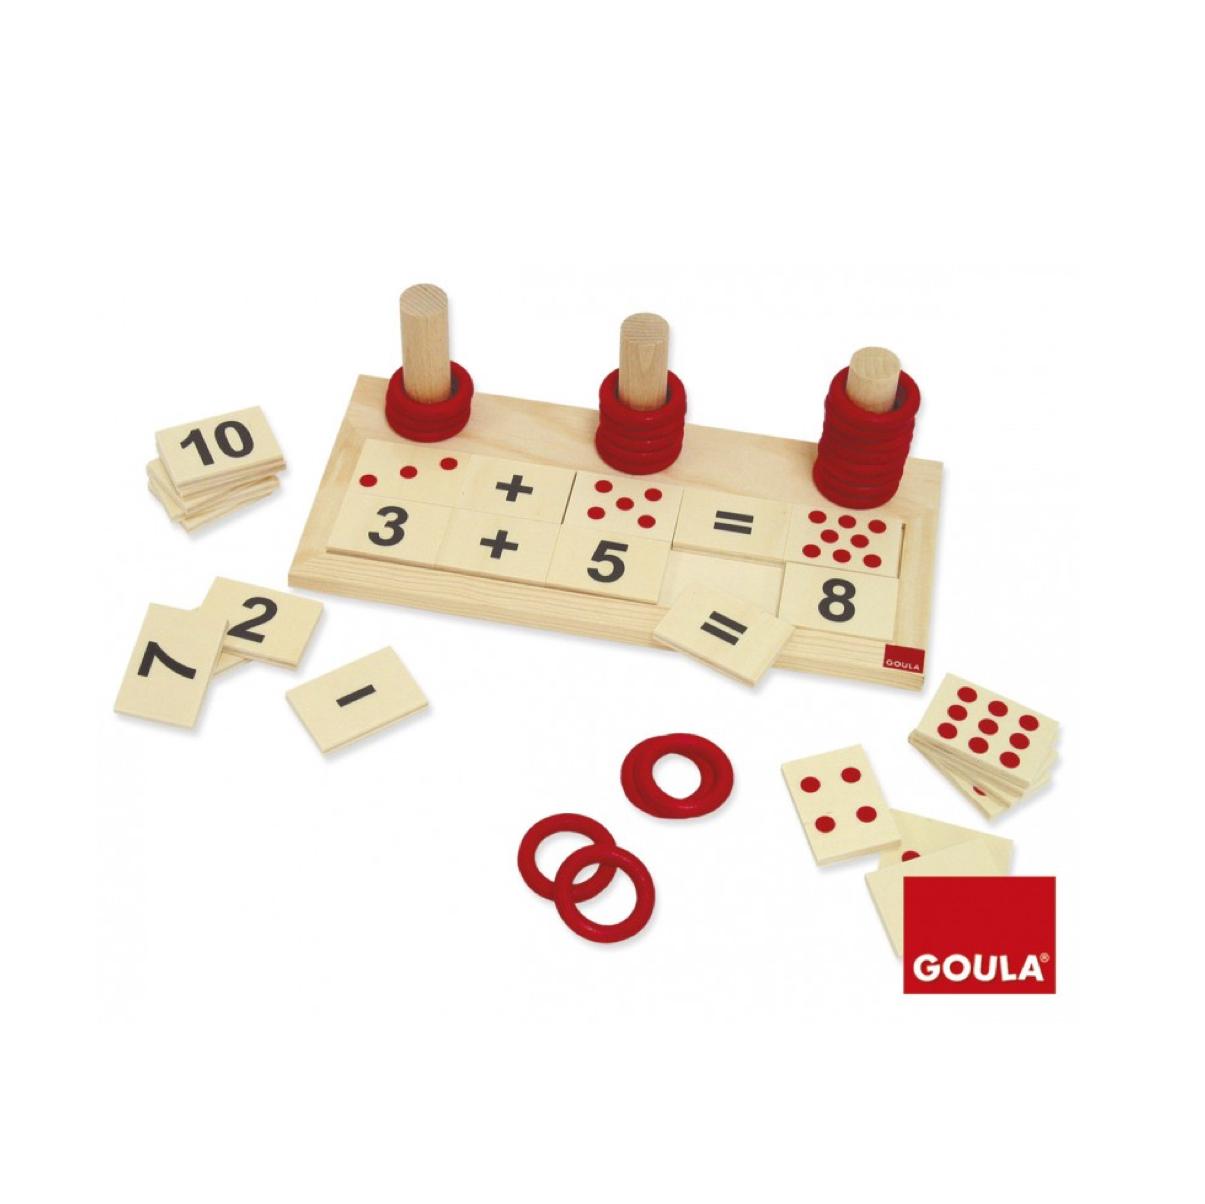 juego-madera-sumas-y-restas-de-goula-en-el-mundo-de-mico